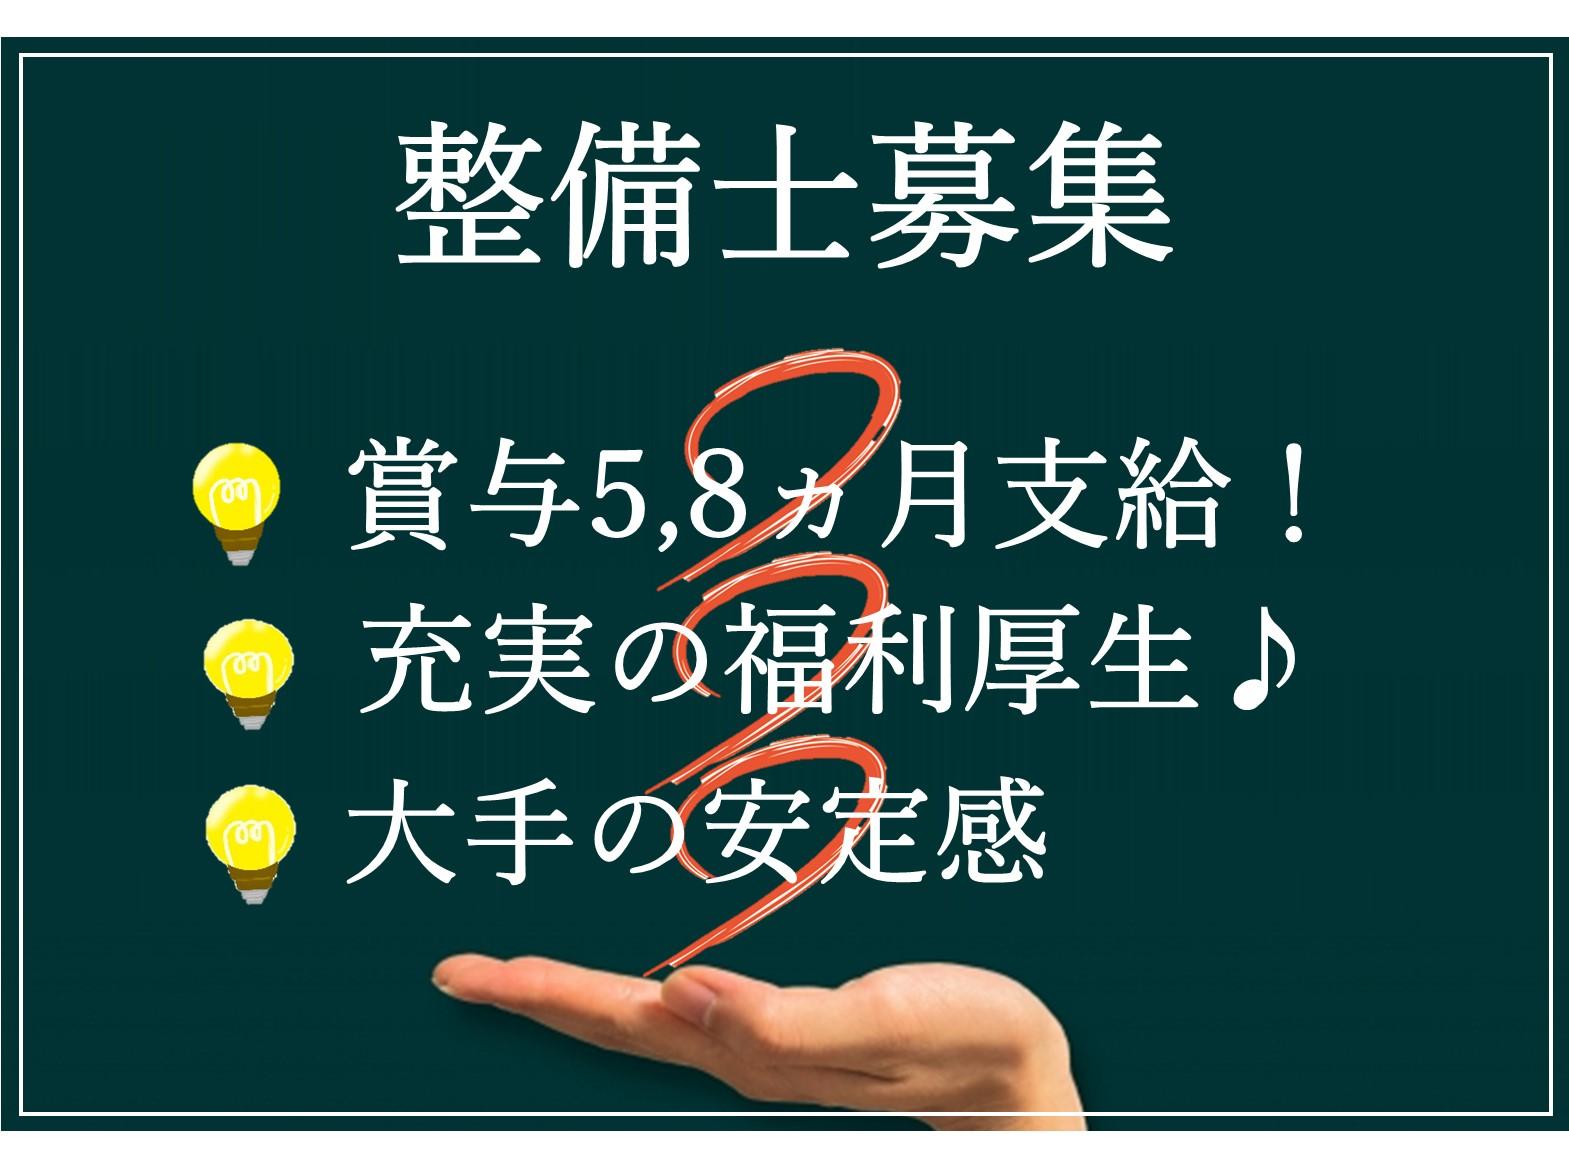 急募【正社員】安定の大手グループ!賞与5,8か月支給!職場見学OK♪整備士 イメージ